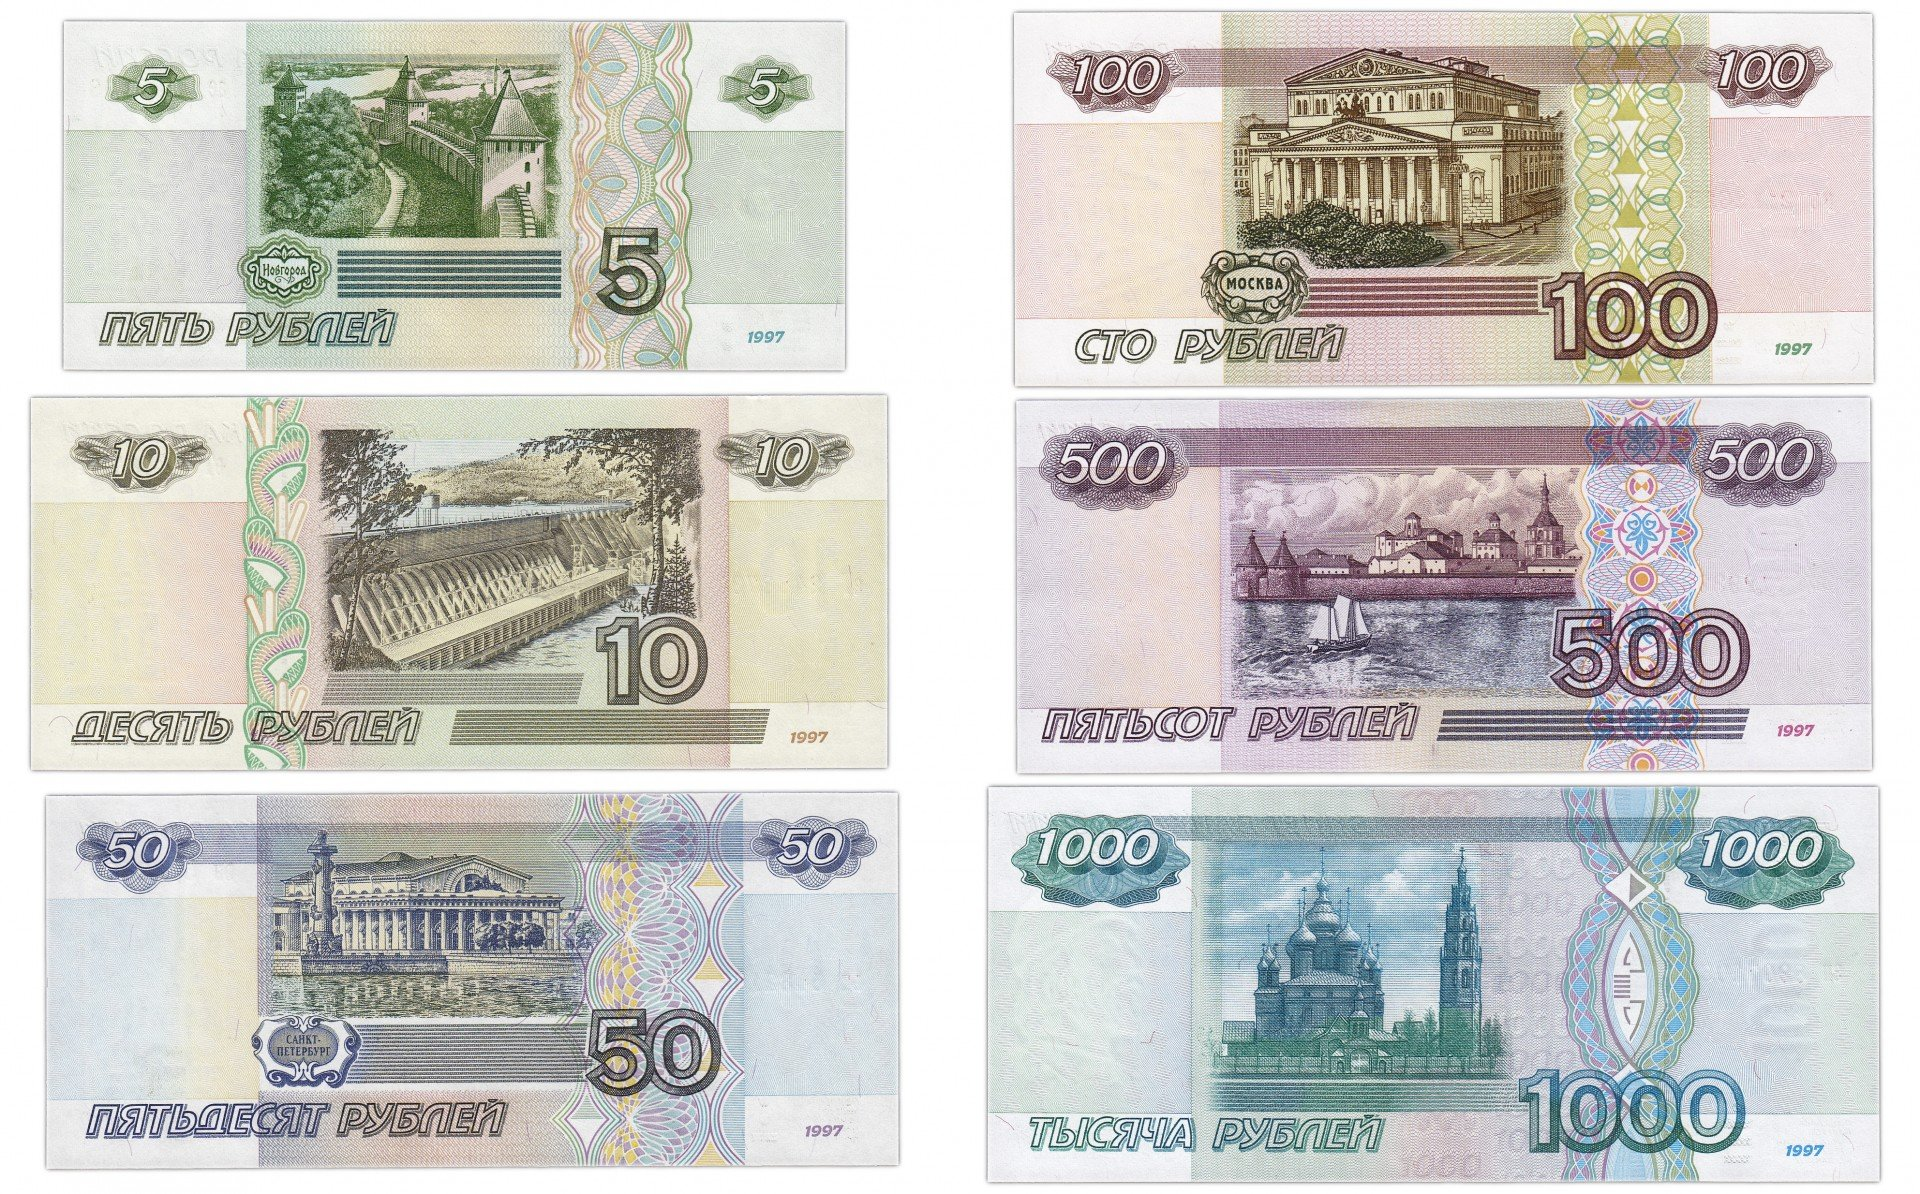 особенностями обладает 5 тысяч рублей без модификации цена термобелья